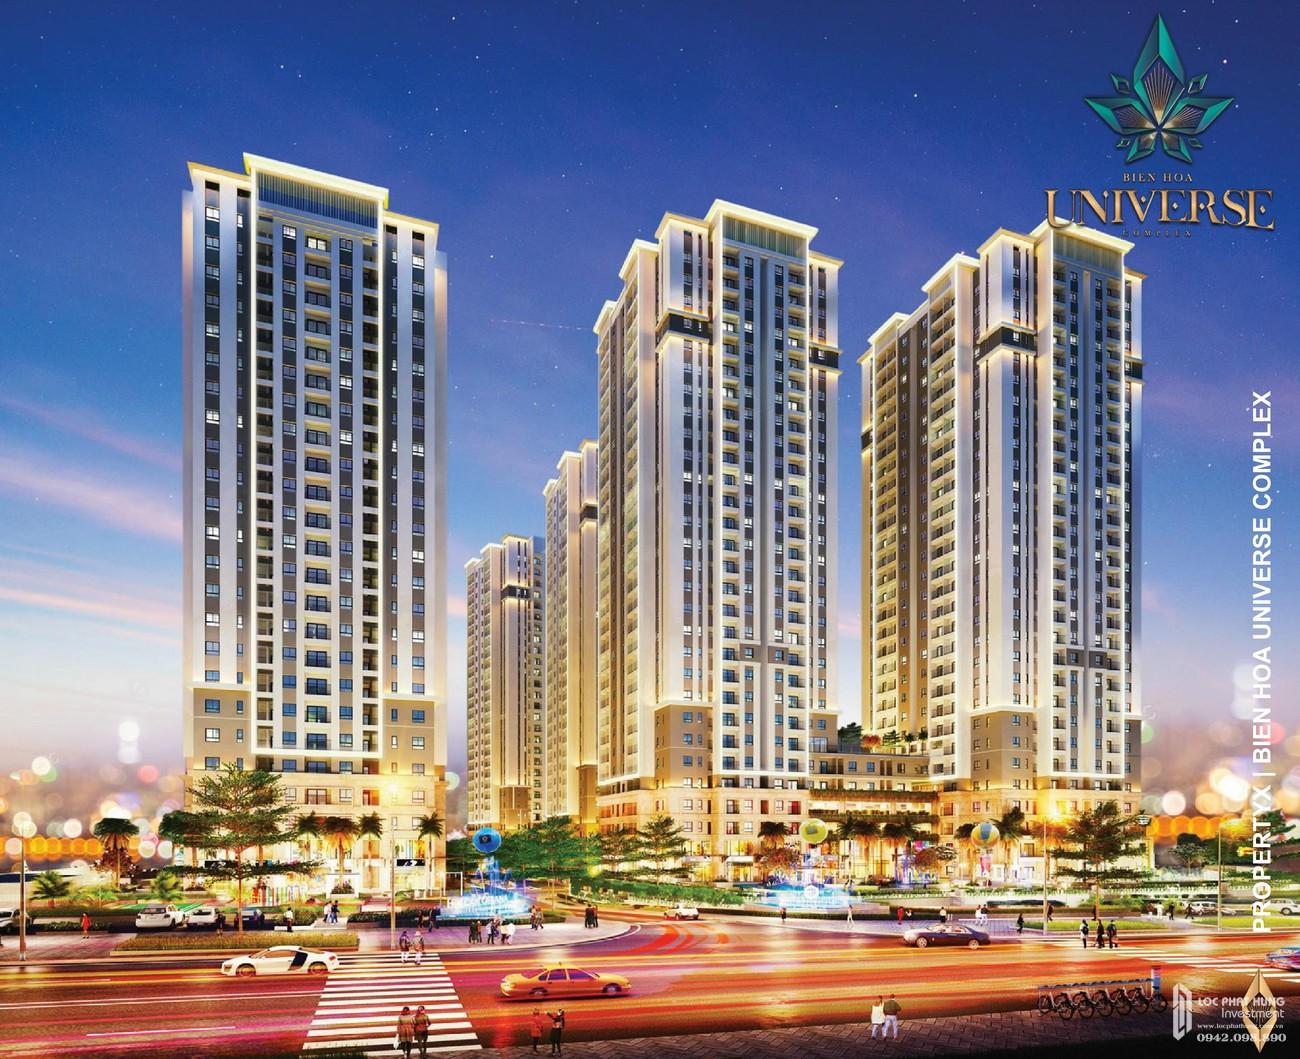 Phối cảnh tổng thể dự án căn hộ chung cư Biên Hoà Universe Complex Biên Hoà Đường Xa lộ Hà Nội chủ đầu tư Hưng Thịnh